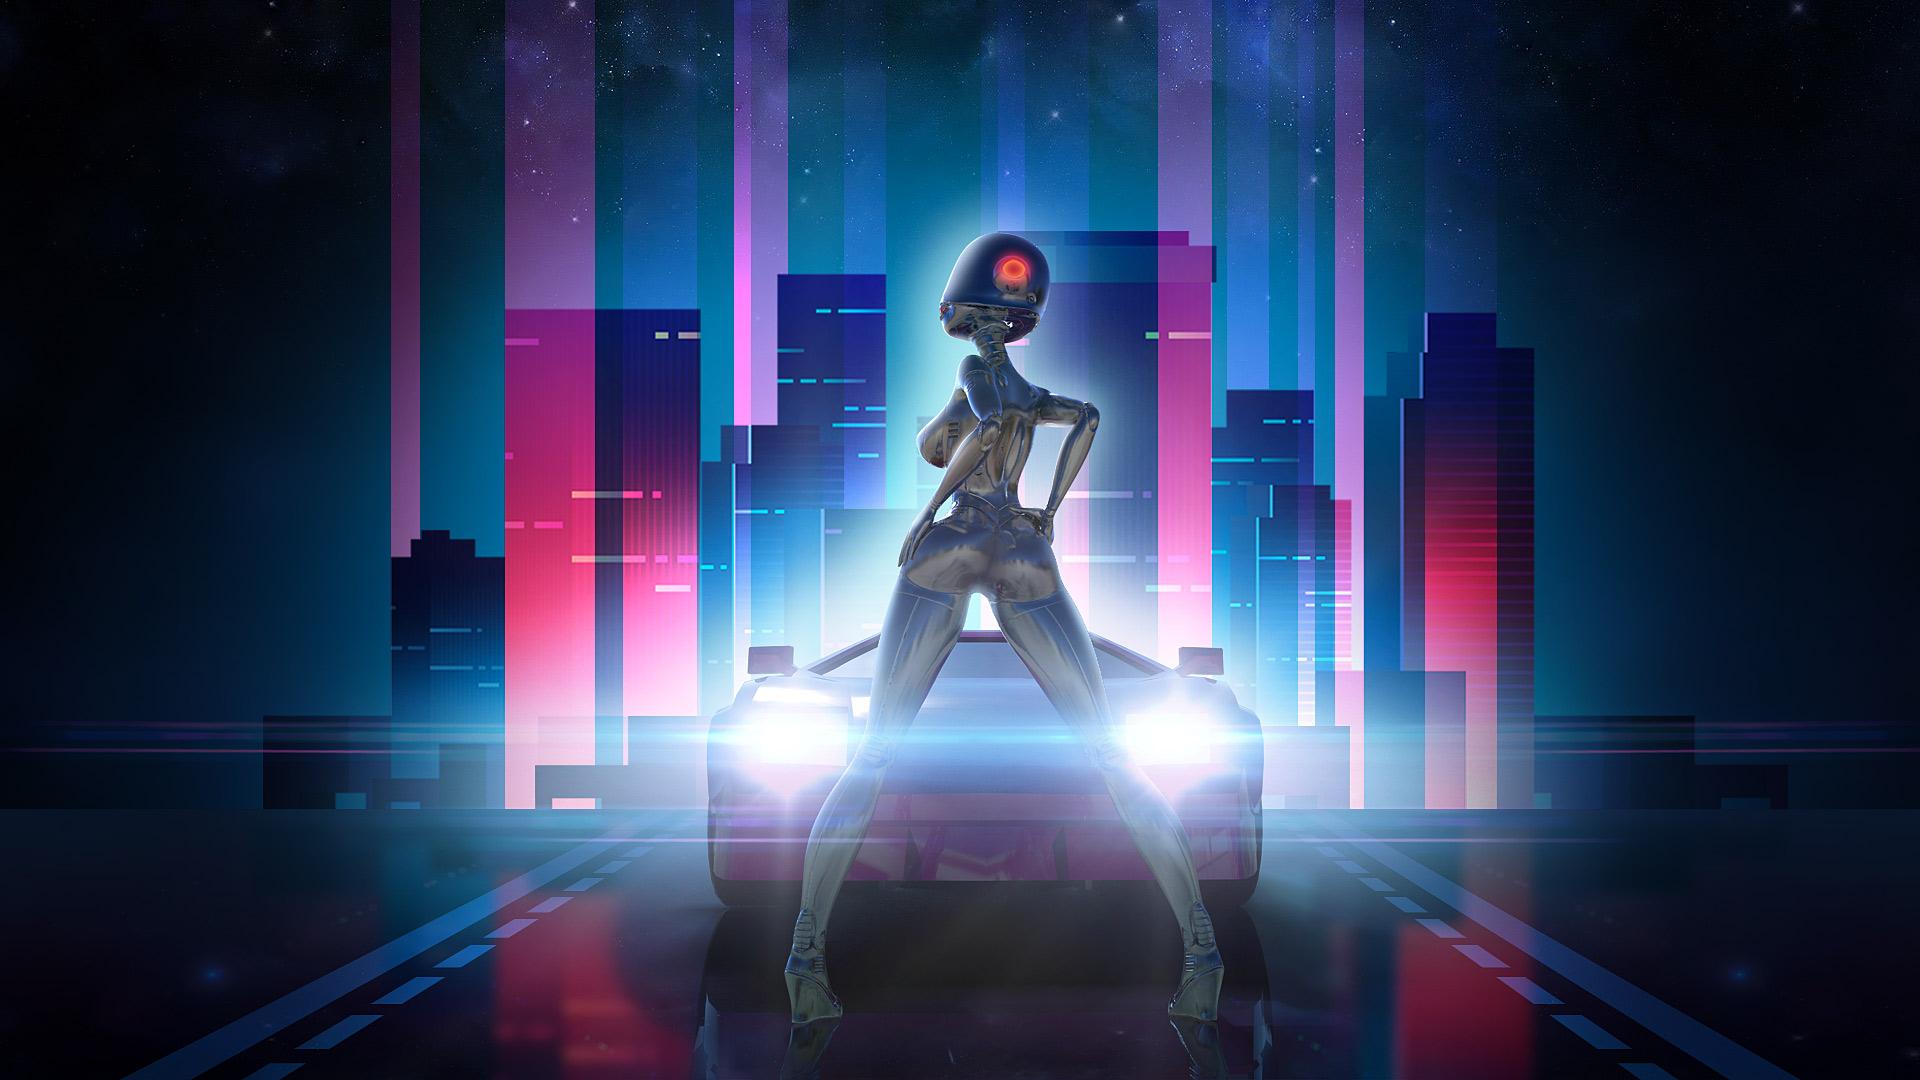 Hotline Miami Car Wallpaper Racing Games Retro Synthwave